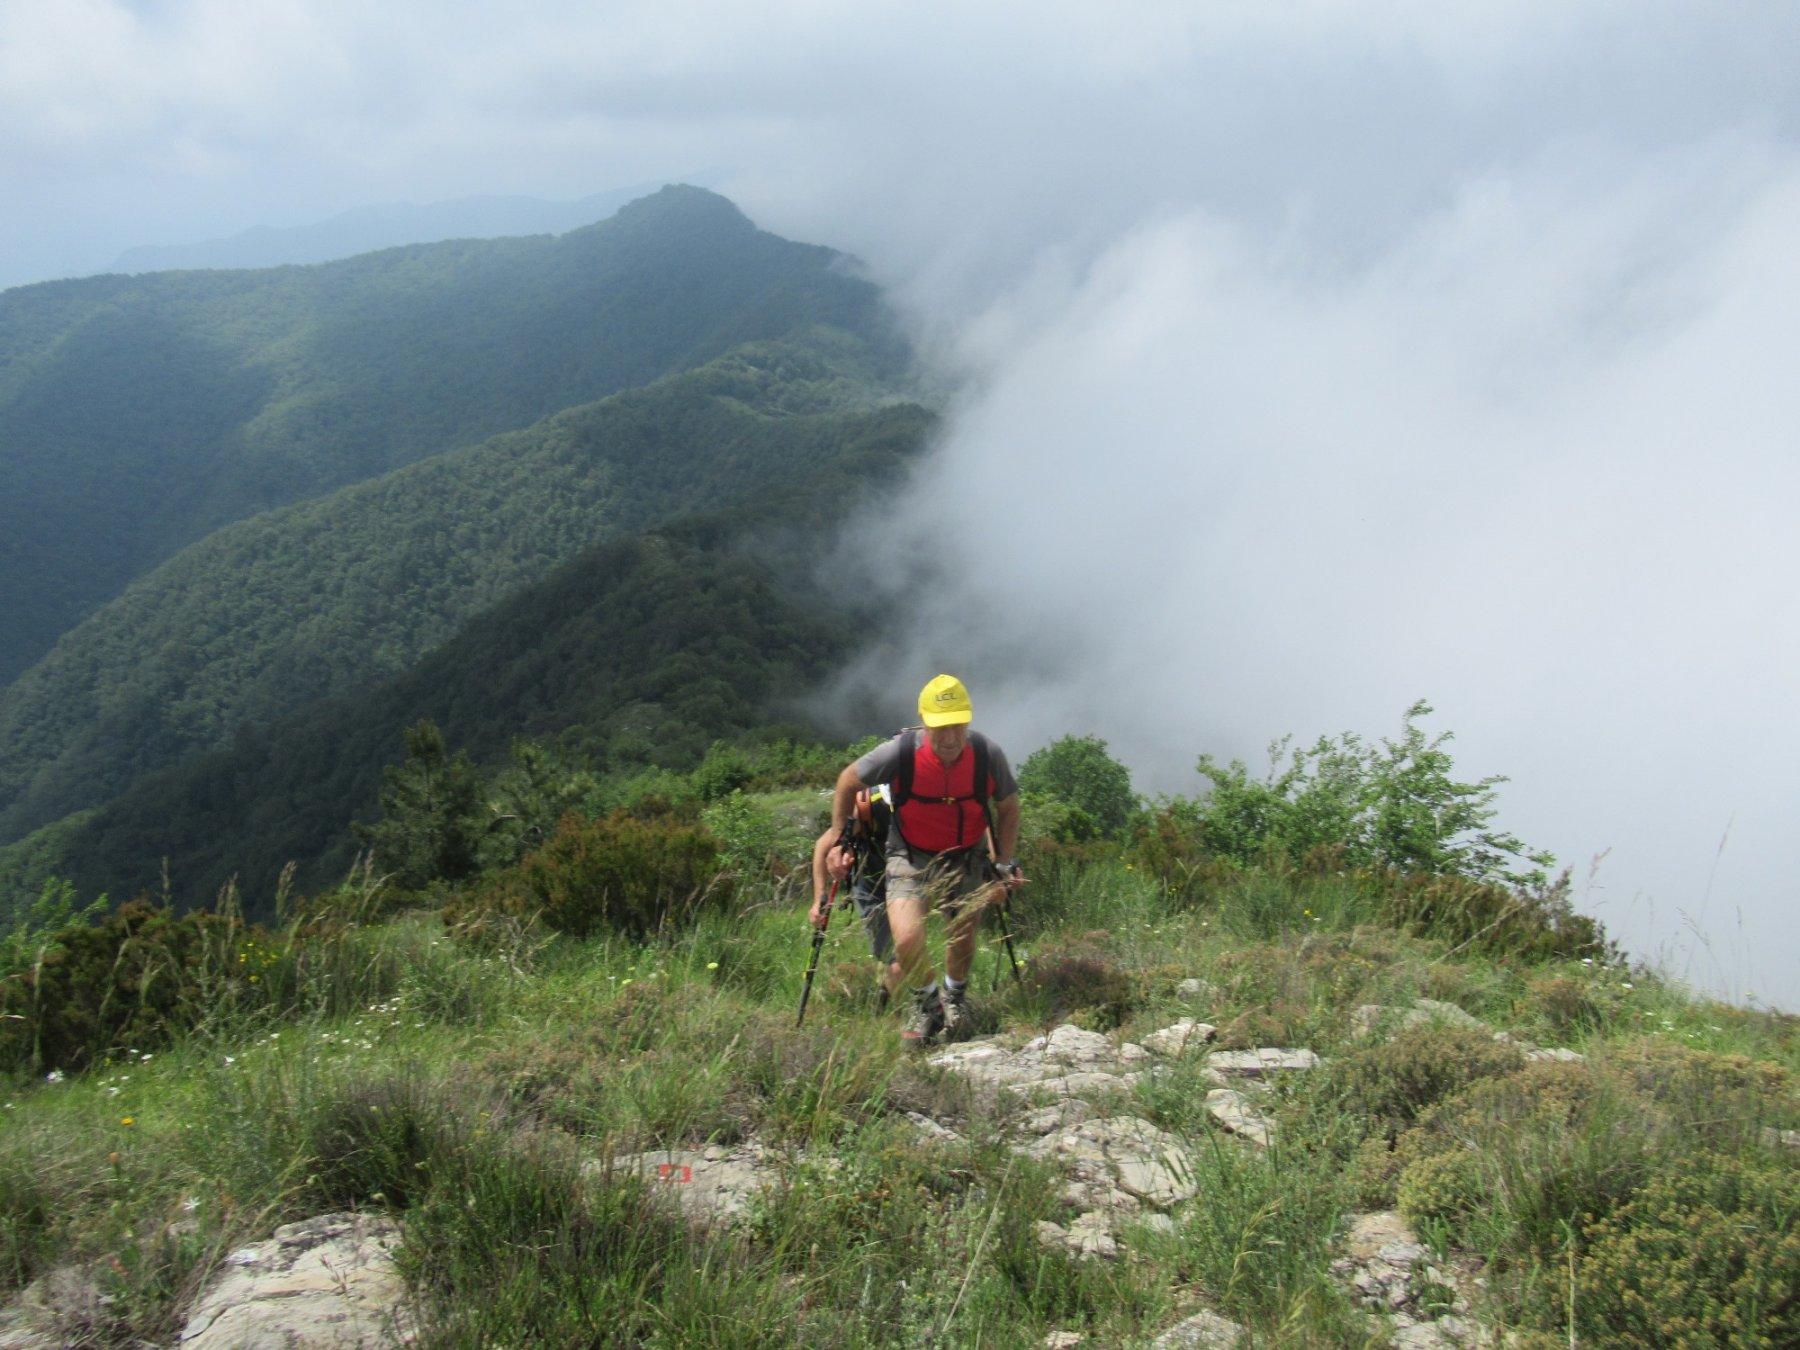 sembra essere nella cresta tra il Biellese e la Valle d'Aosta per la nebbia ...